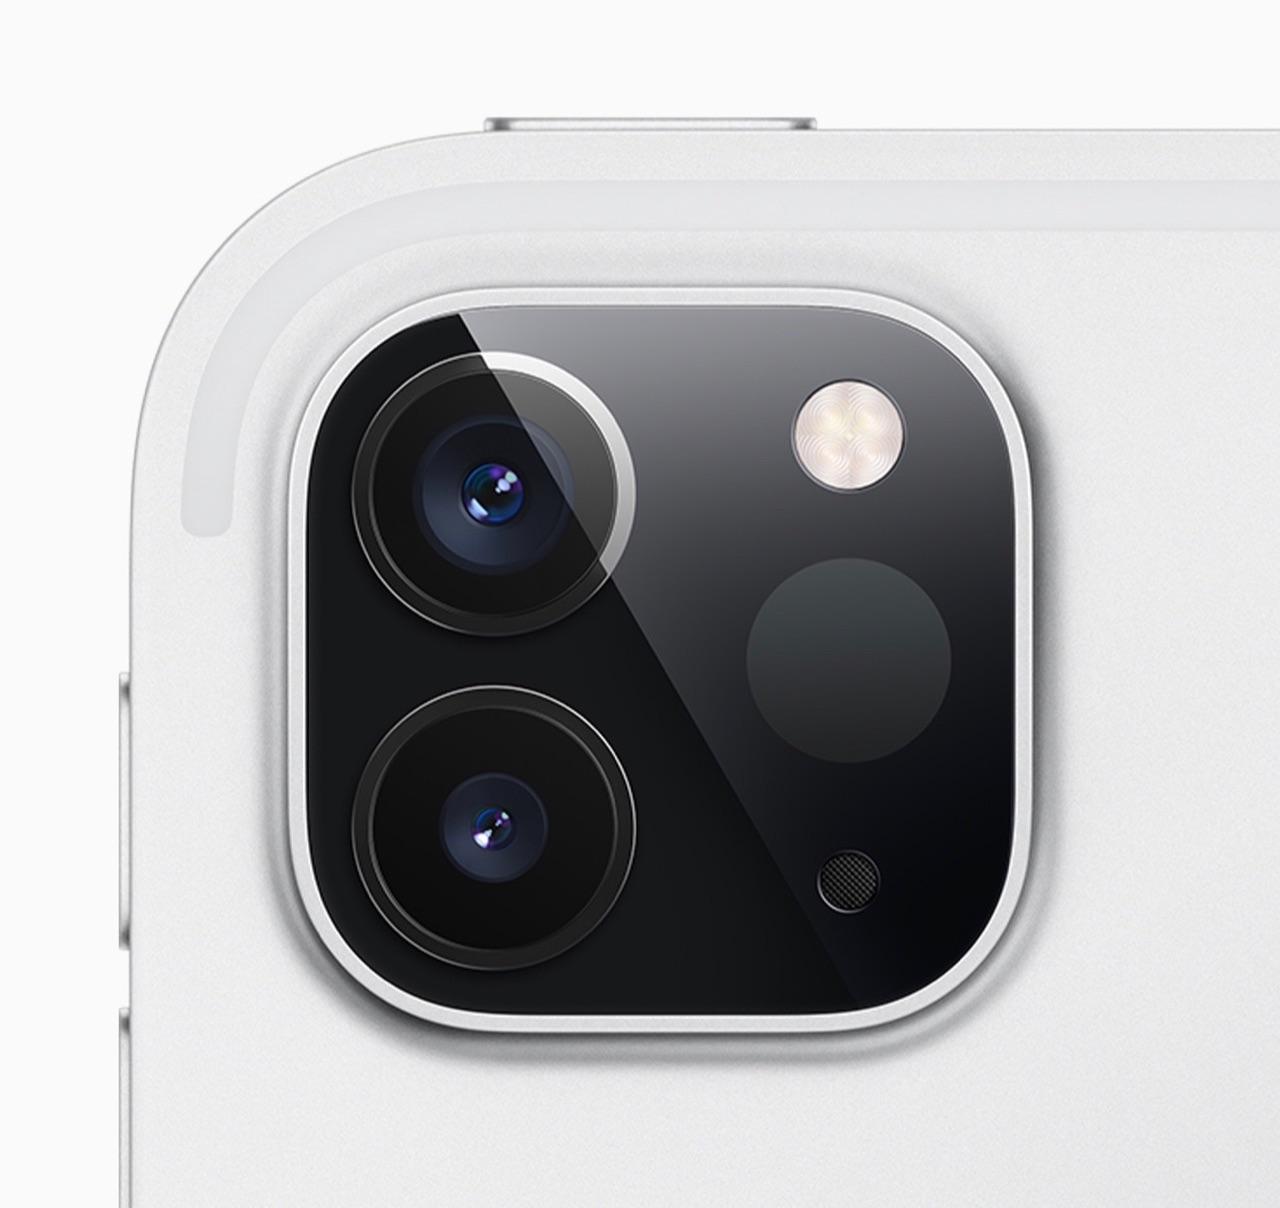 iPad Pro 2020 camera.